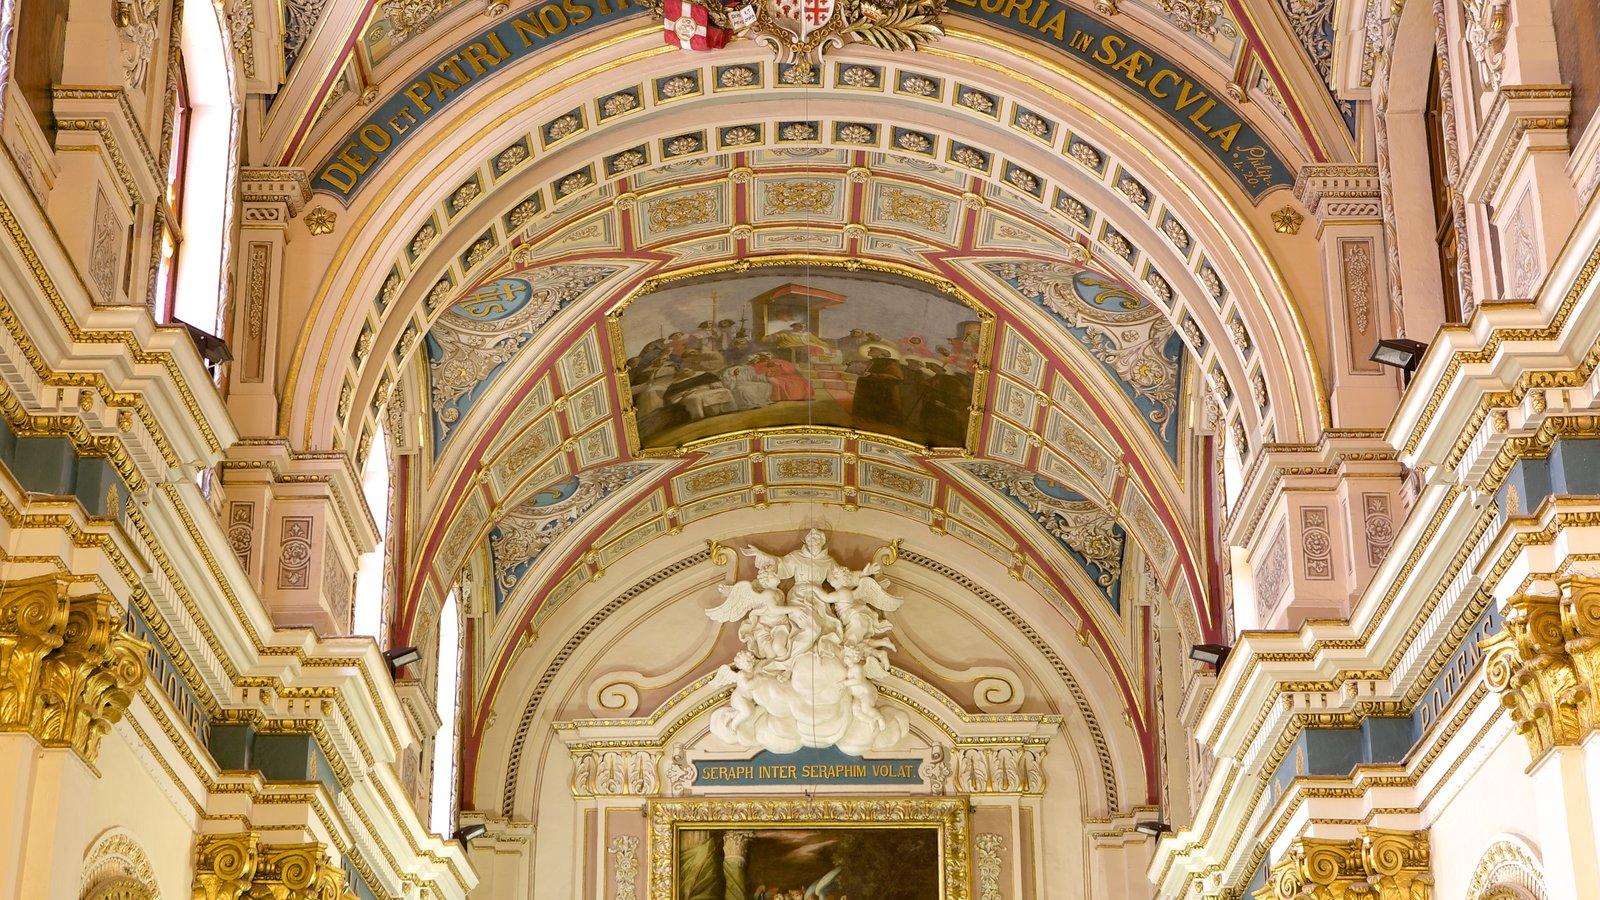 La Valeta que incluye aspectos religiosos, una iglesia o catedral y vistas interiores